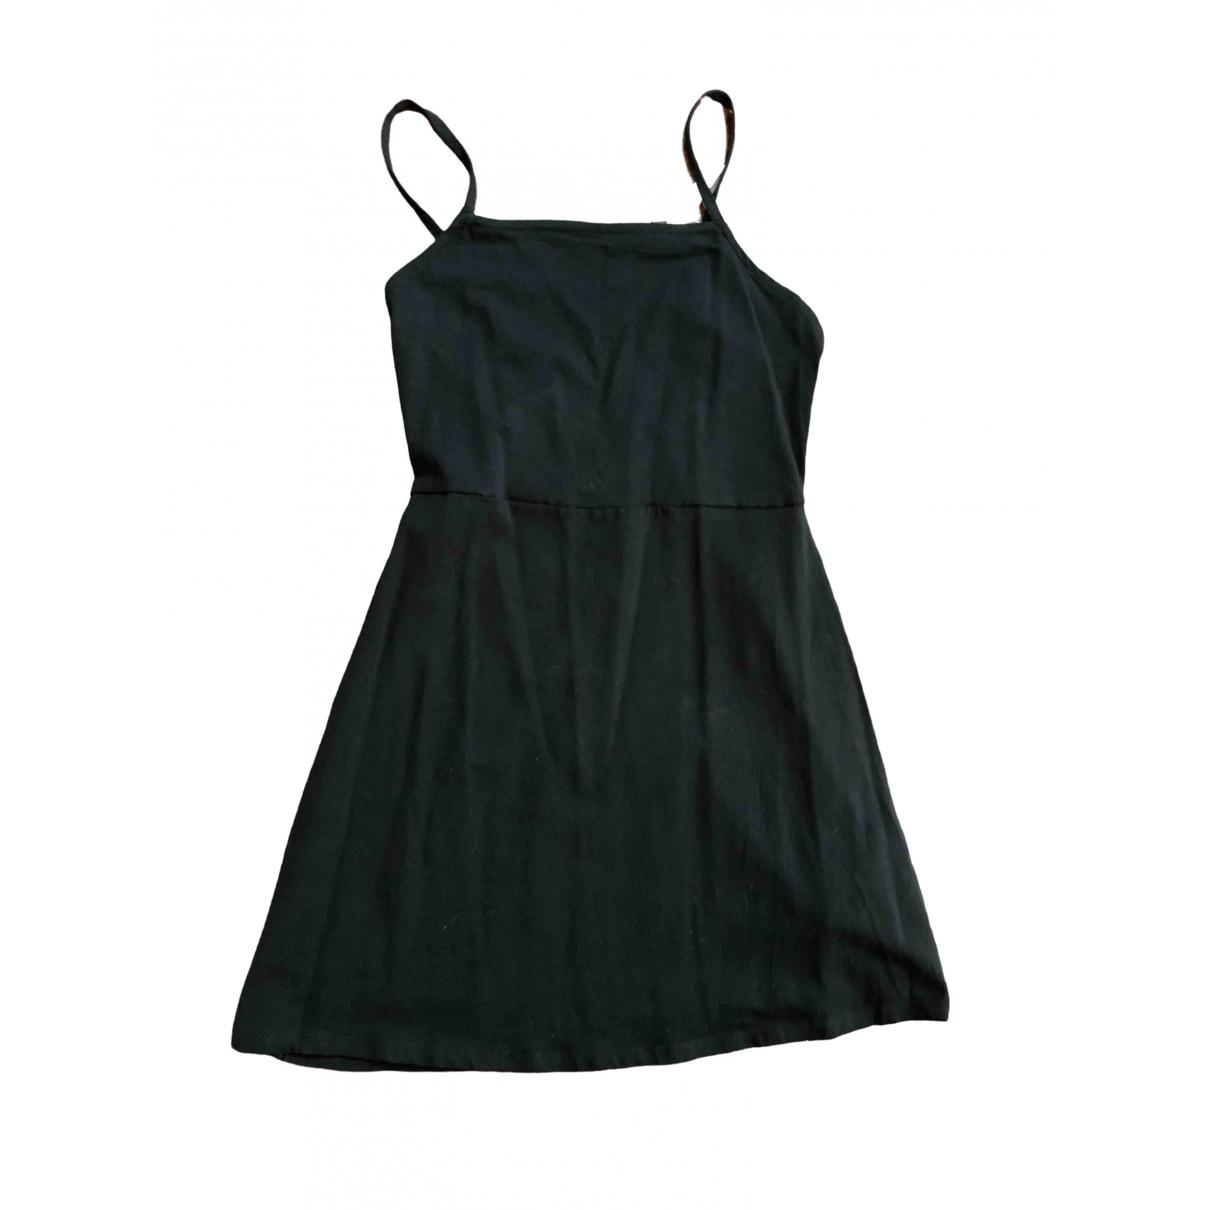 Asos \N Kleid in  Schwarz Baumwolle - Elasthan